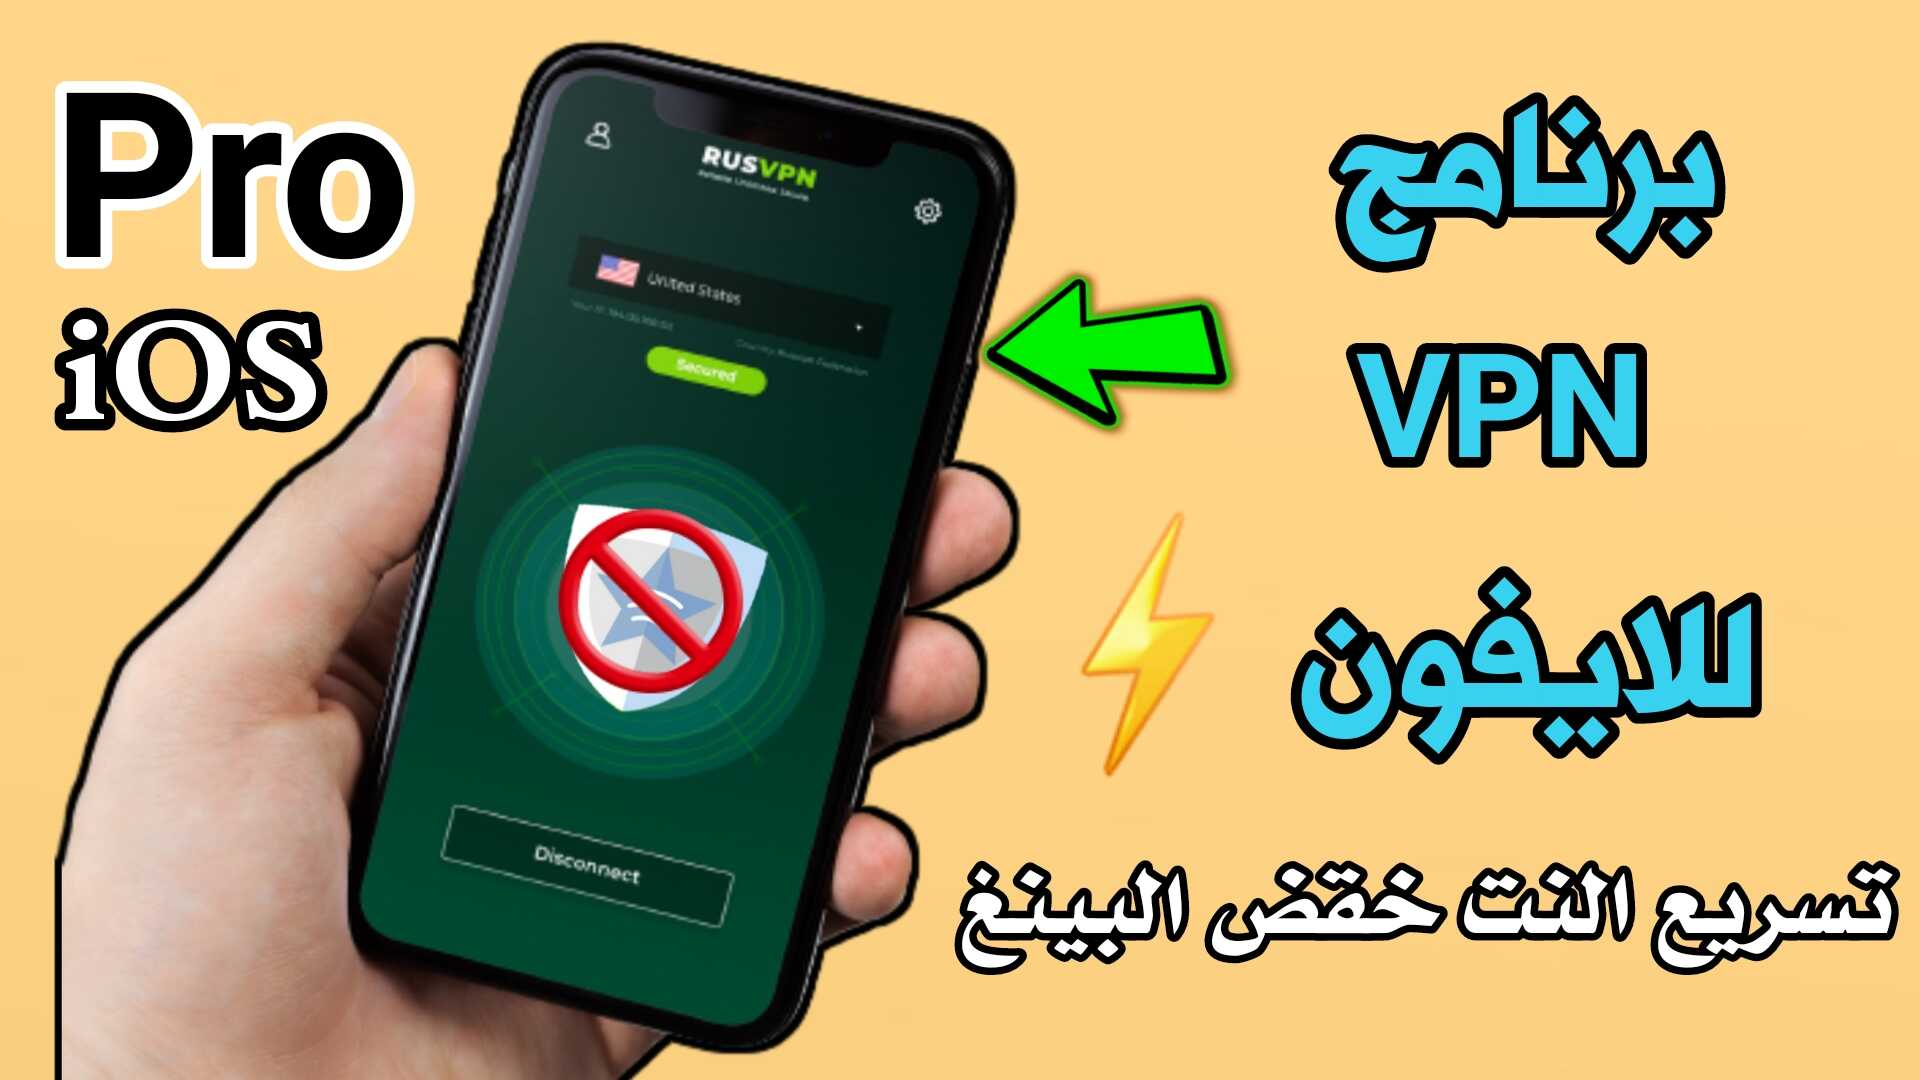 برنامج VPN للايفون نسخة Pro لتسريع النت وخفض البينغ